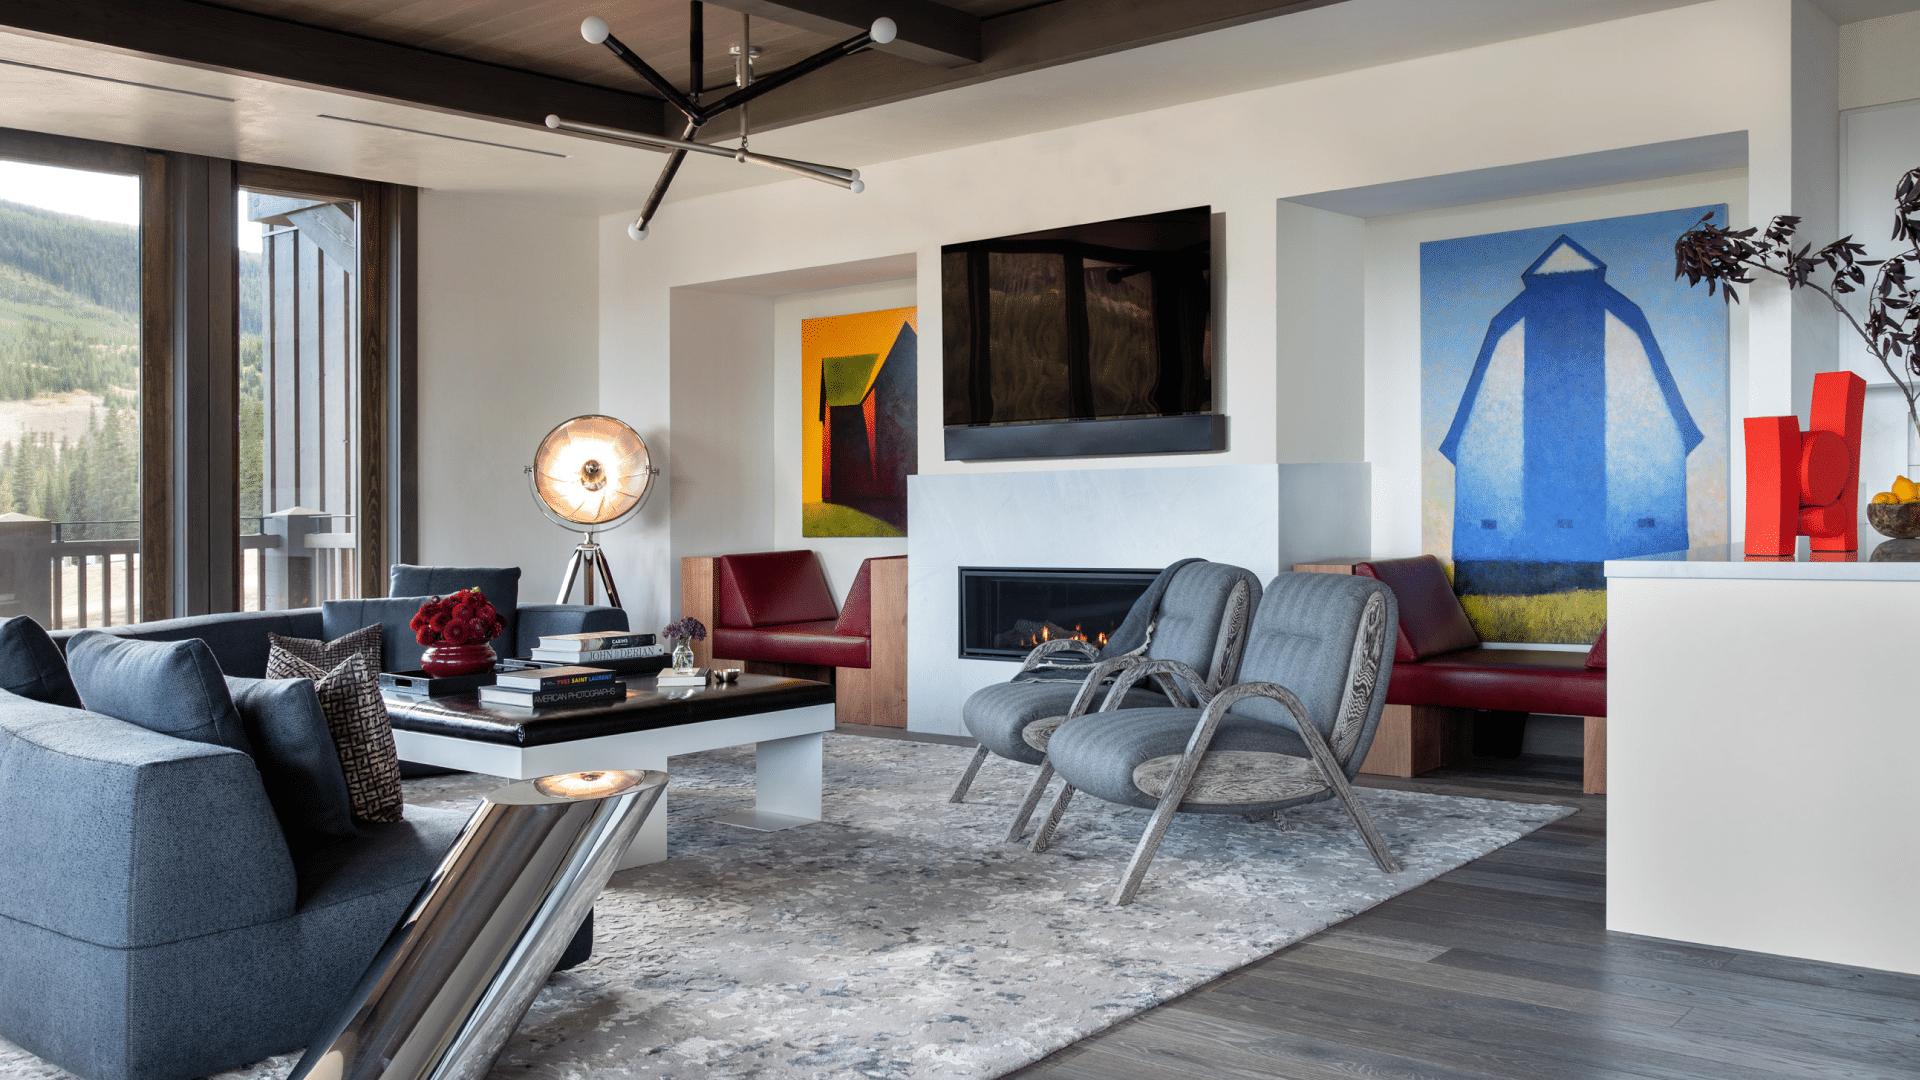 Top 20 Interior Designers From Houston houston Top 20 Interior Designers From Houston ASHTON TAYLOR INTERIORS